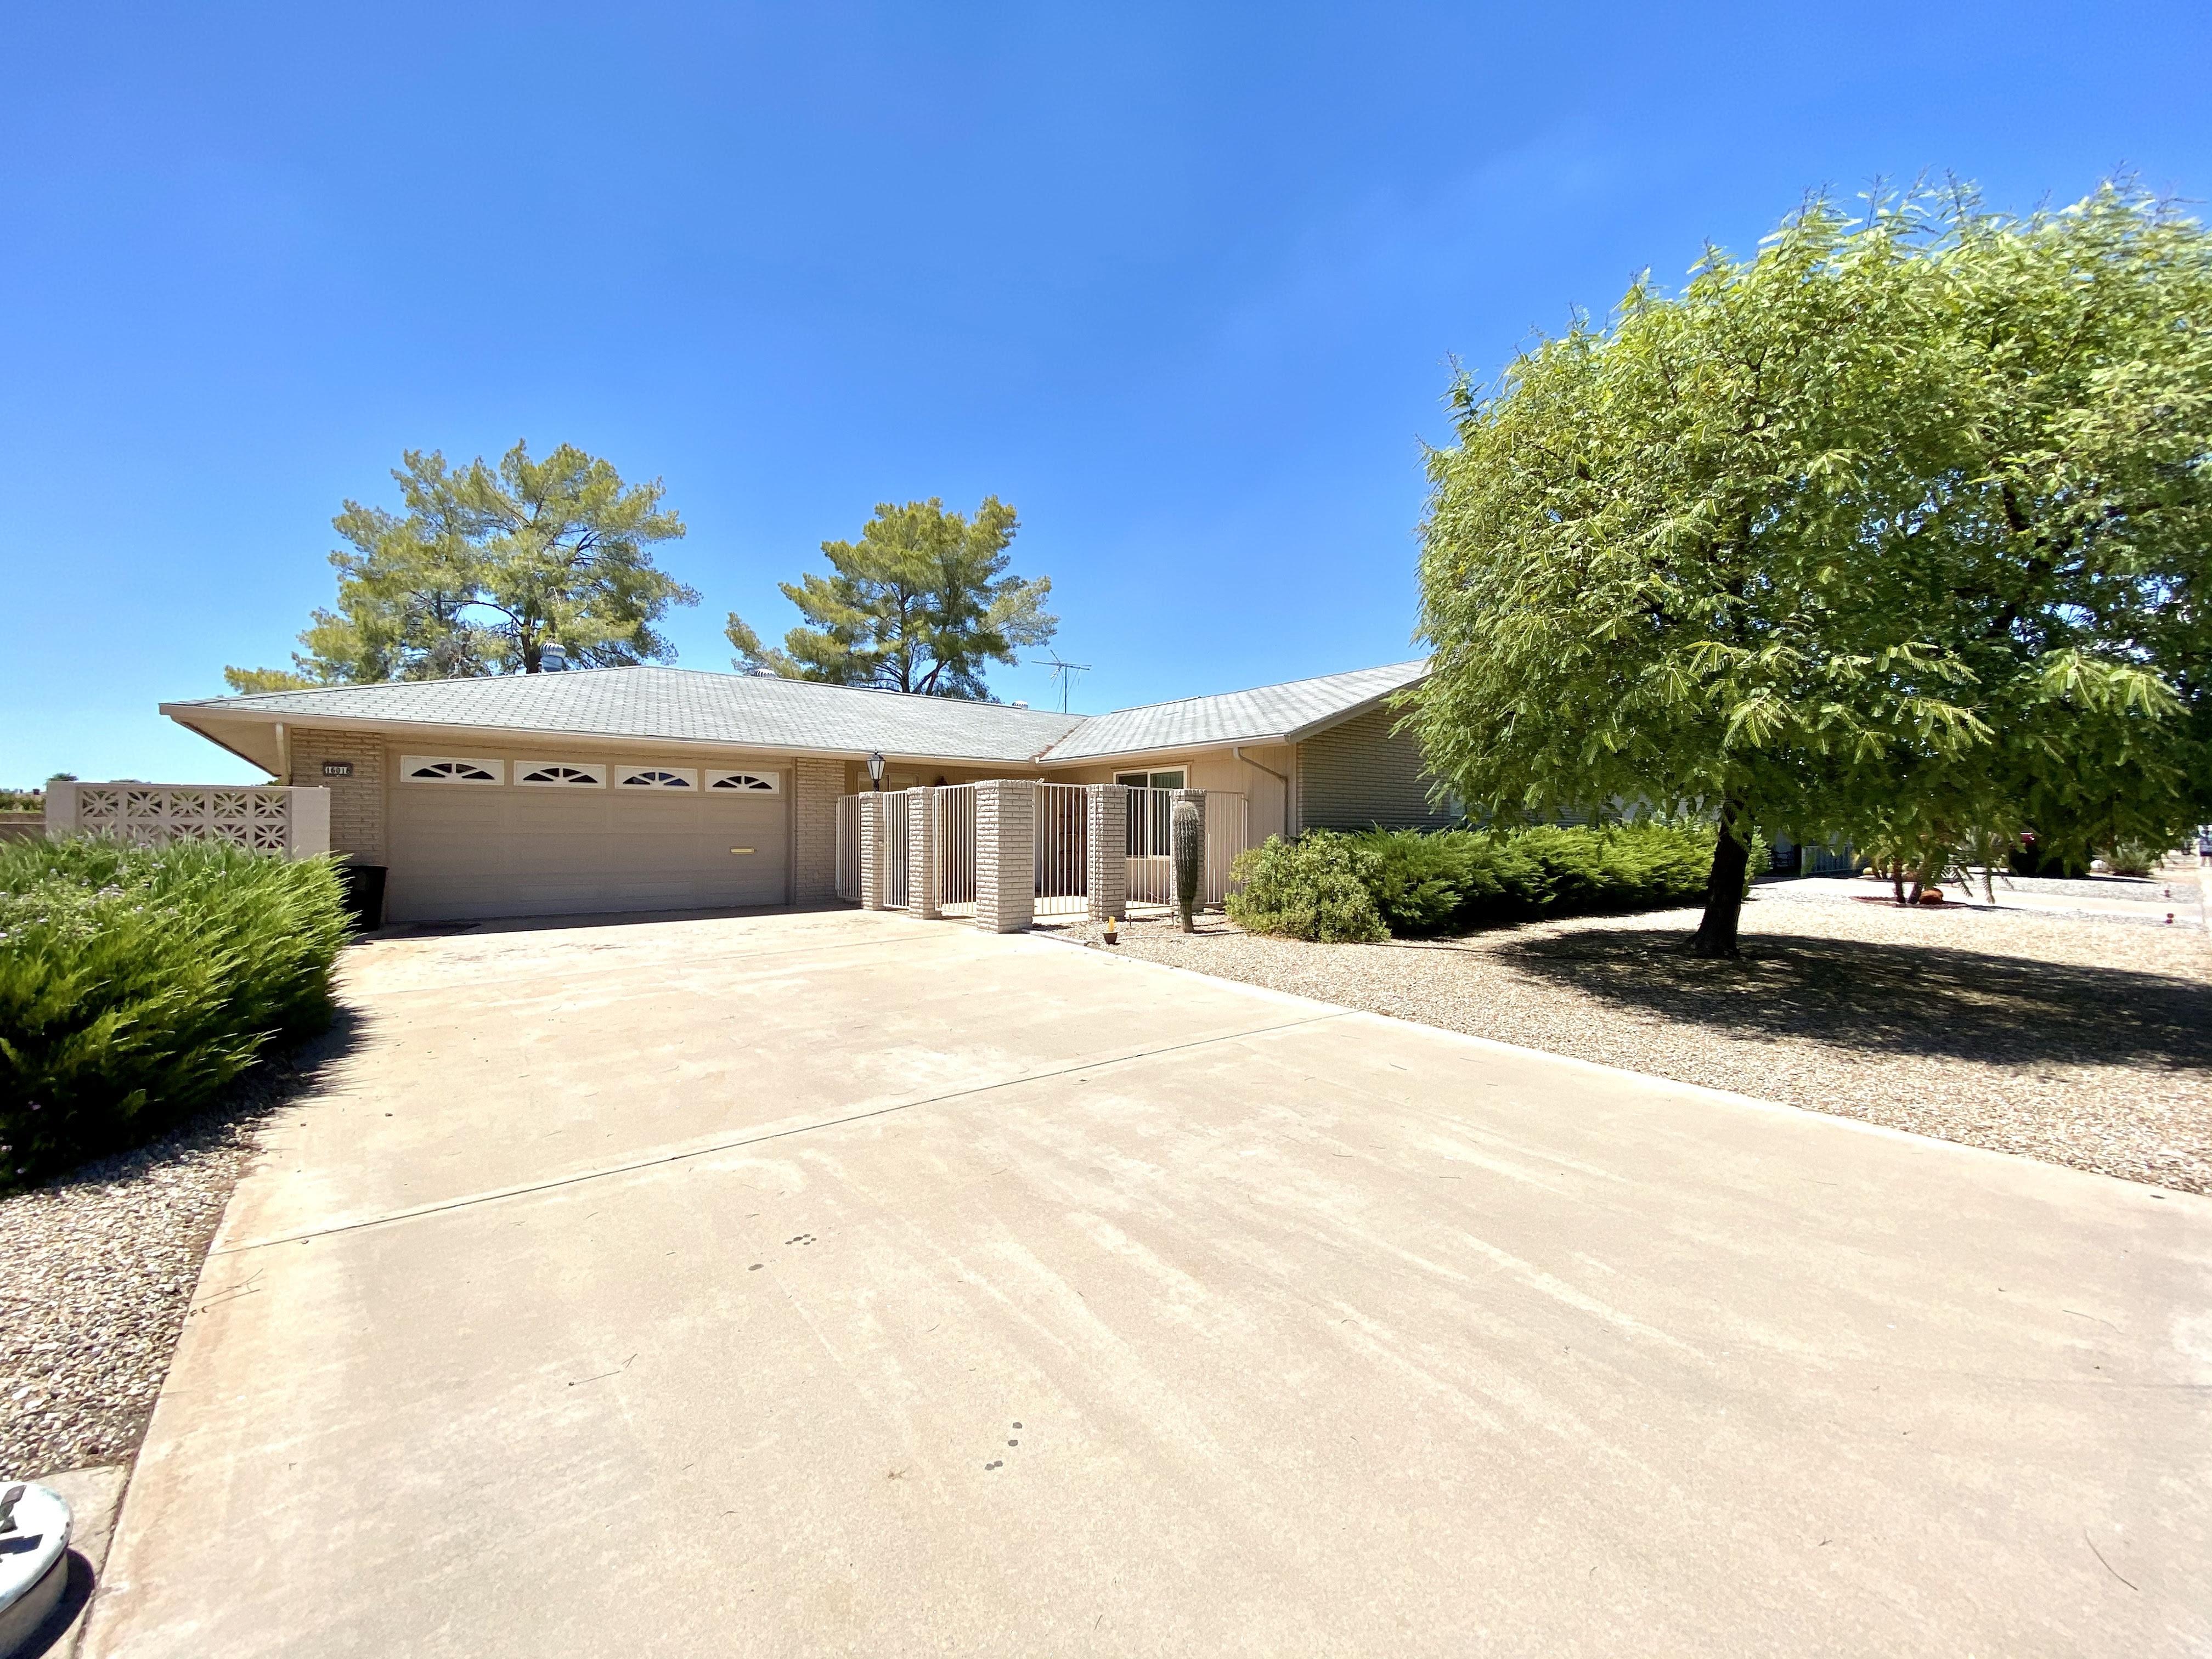 16018 N Lakeforest Dr, Sun City AZ 85351 wholesale property listing